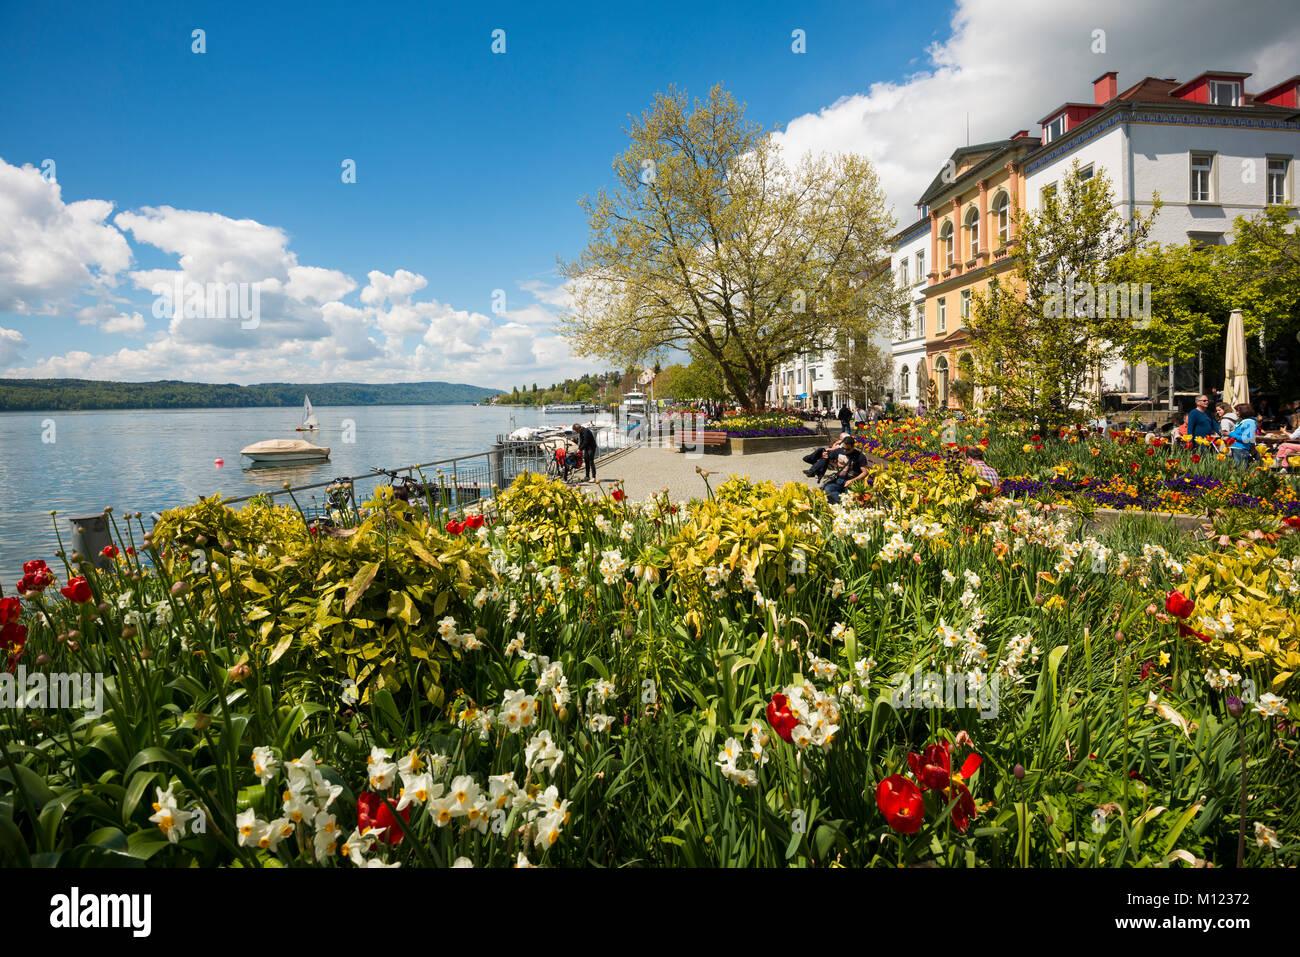 Die Strandpromenade Mit Blumenbeeten Uberlingen Bodensee Baden